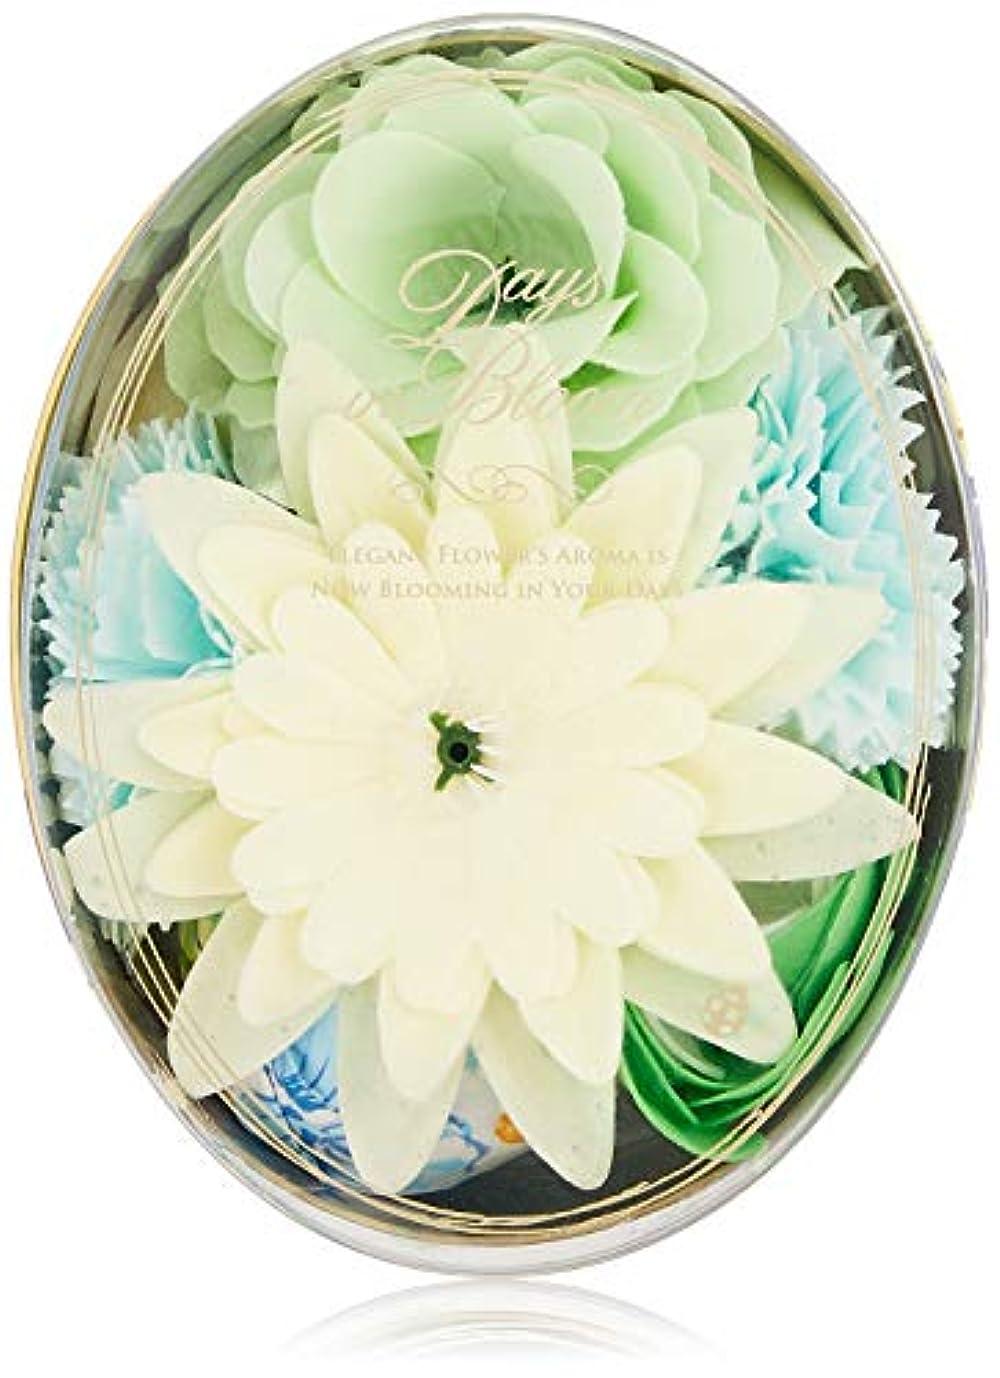 世界の窓鉛平野デイズインブルーム バスセットオーバル ガーデニア (入浴料 お花の形のバスギフト)